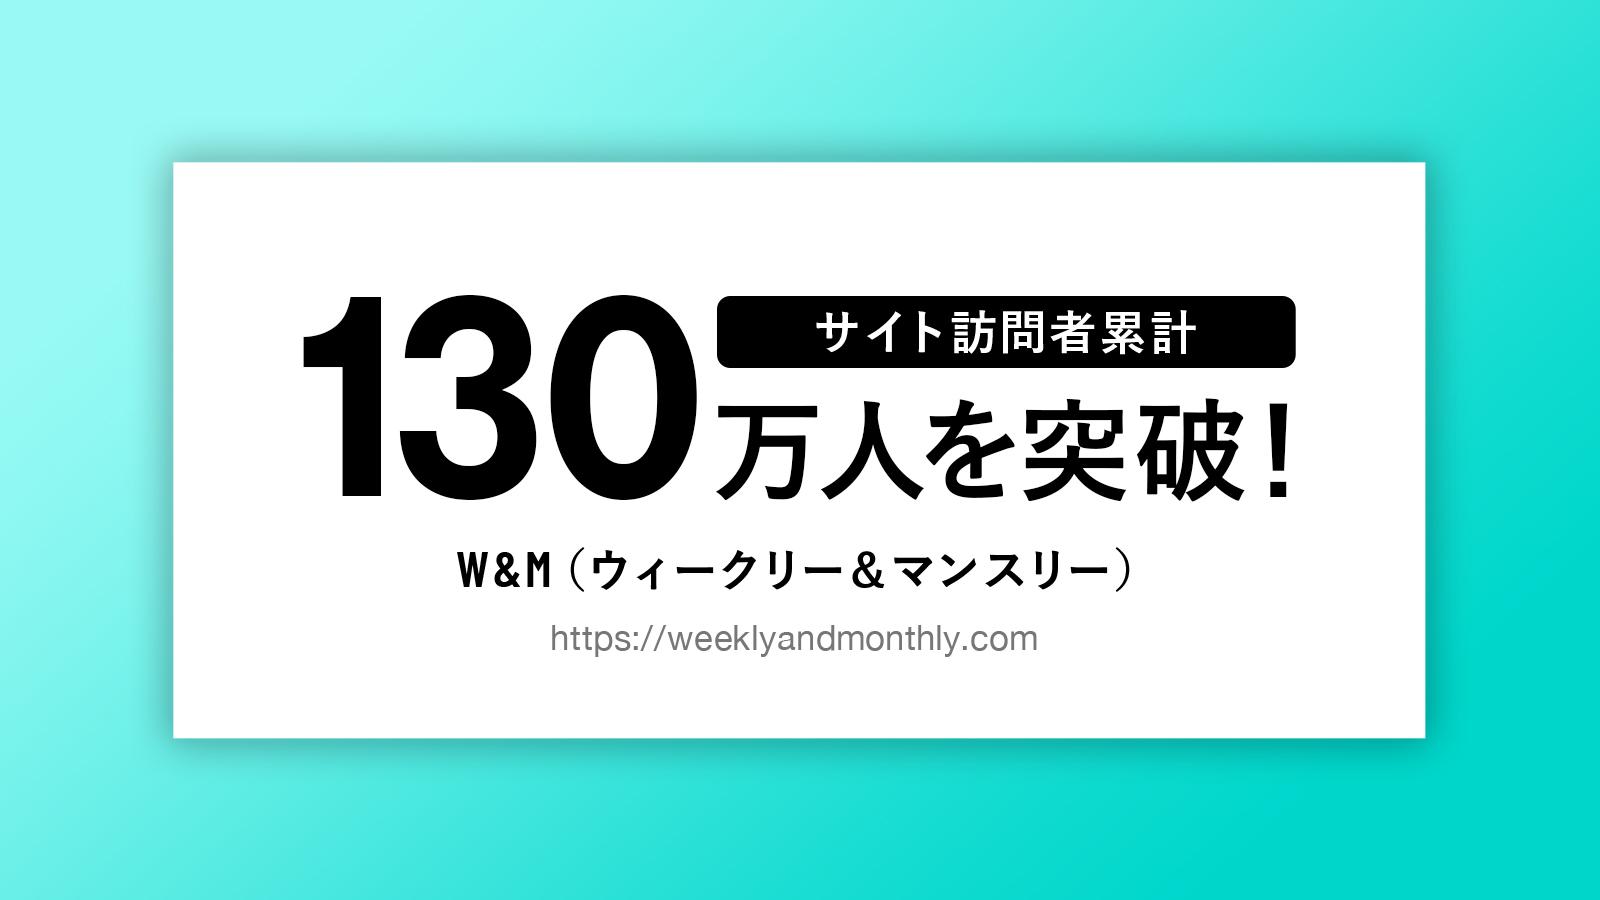 【PR】W&M(ウィークリー &マンスリー) サイト訪問者累計130万人を突破!